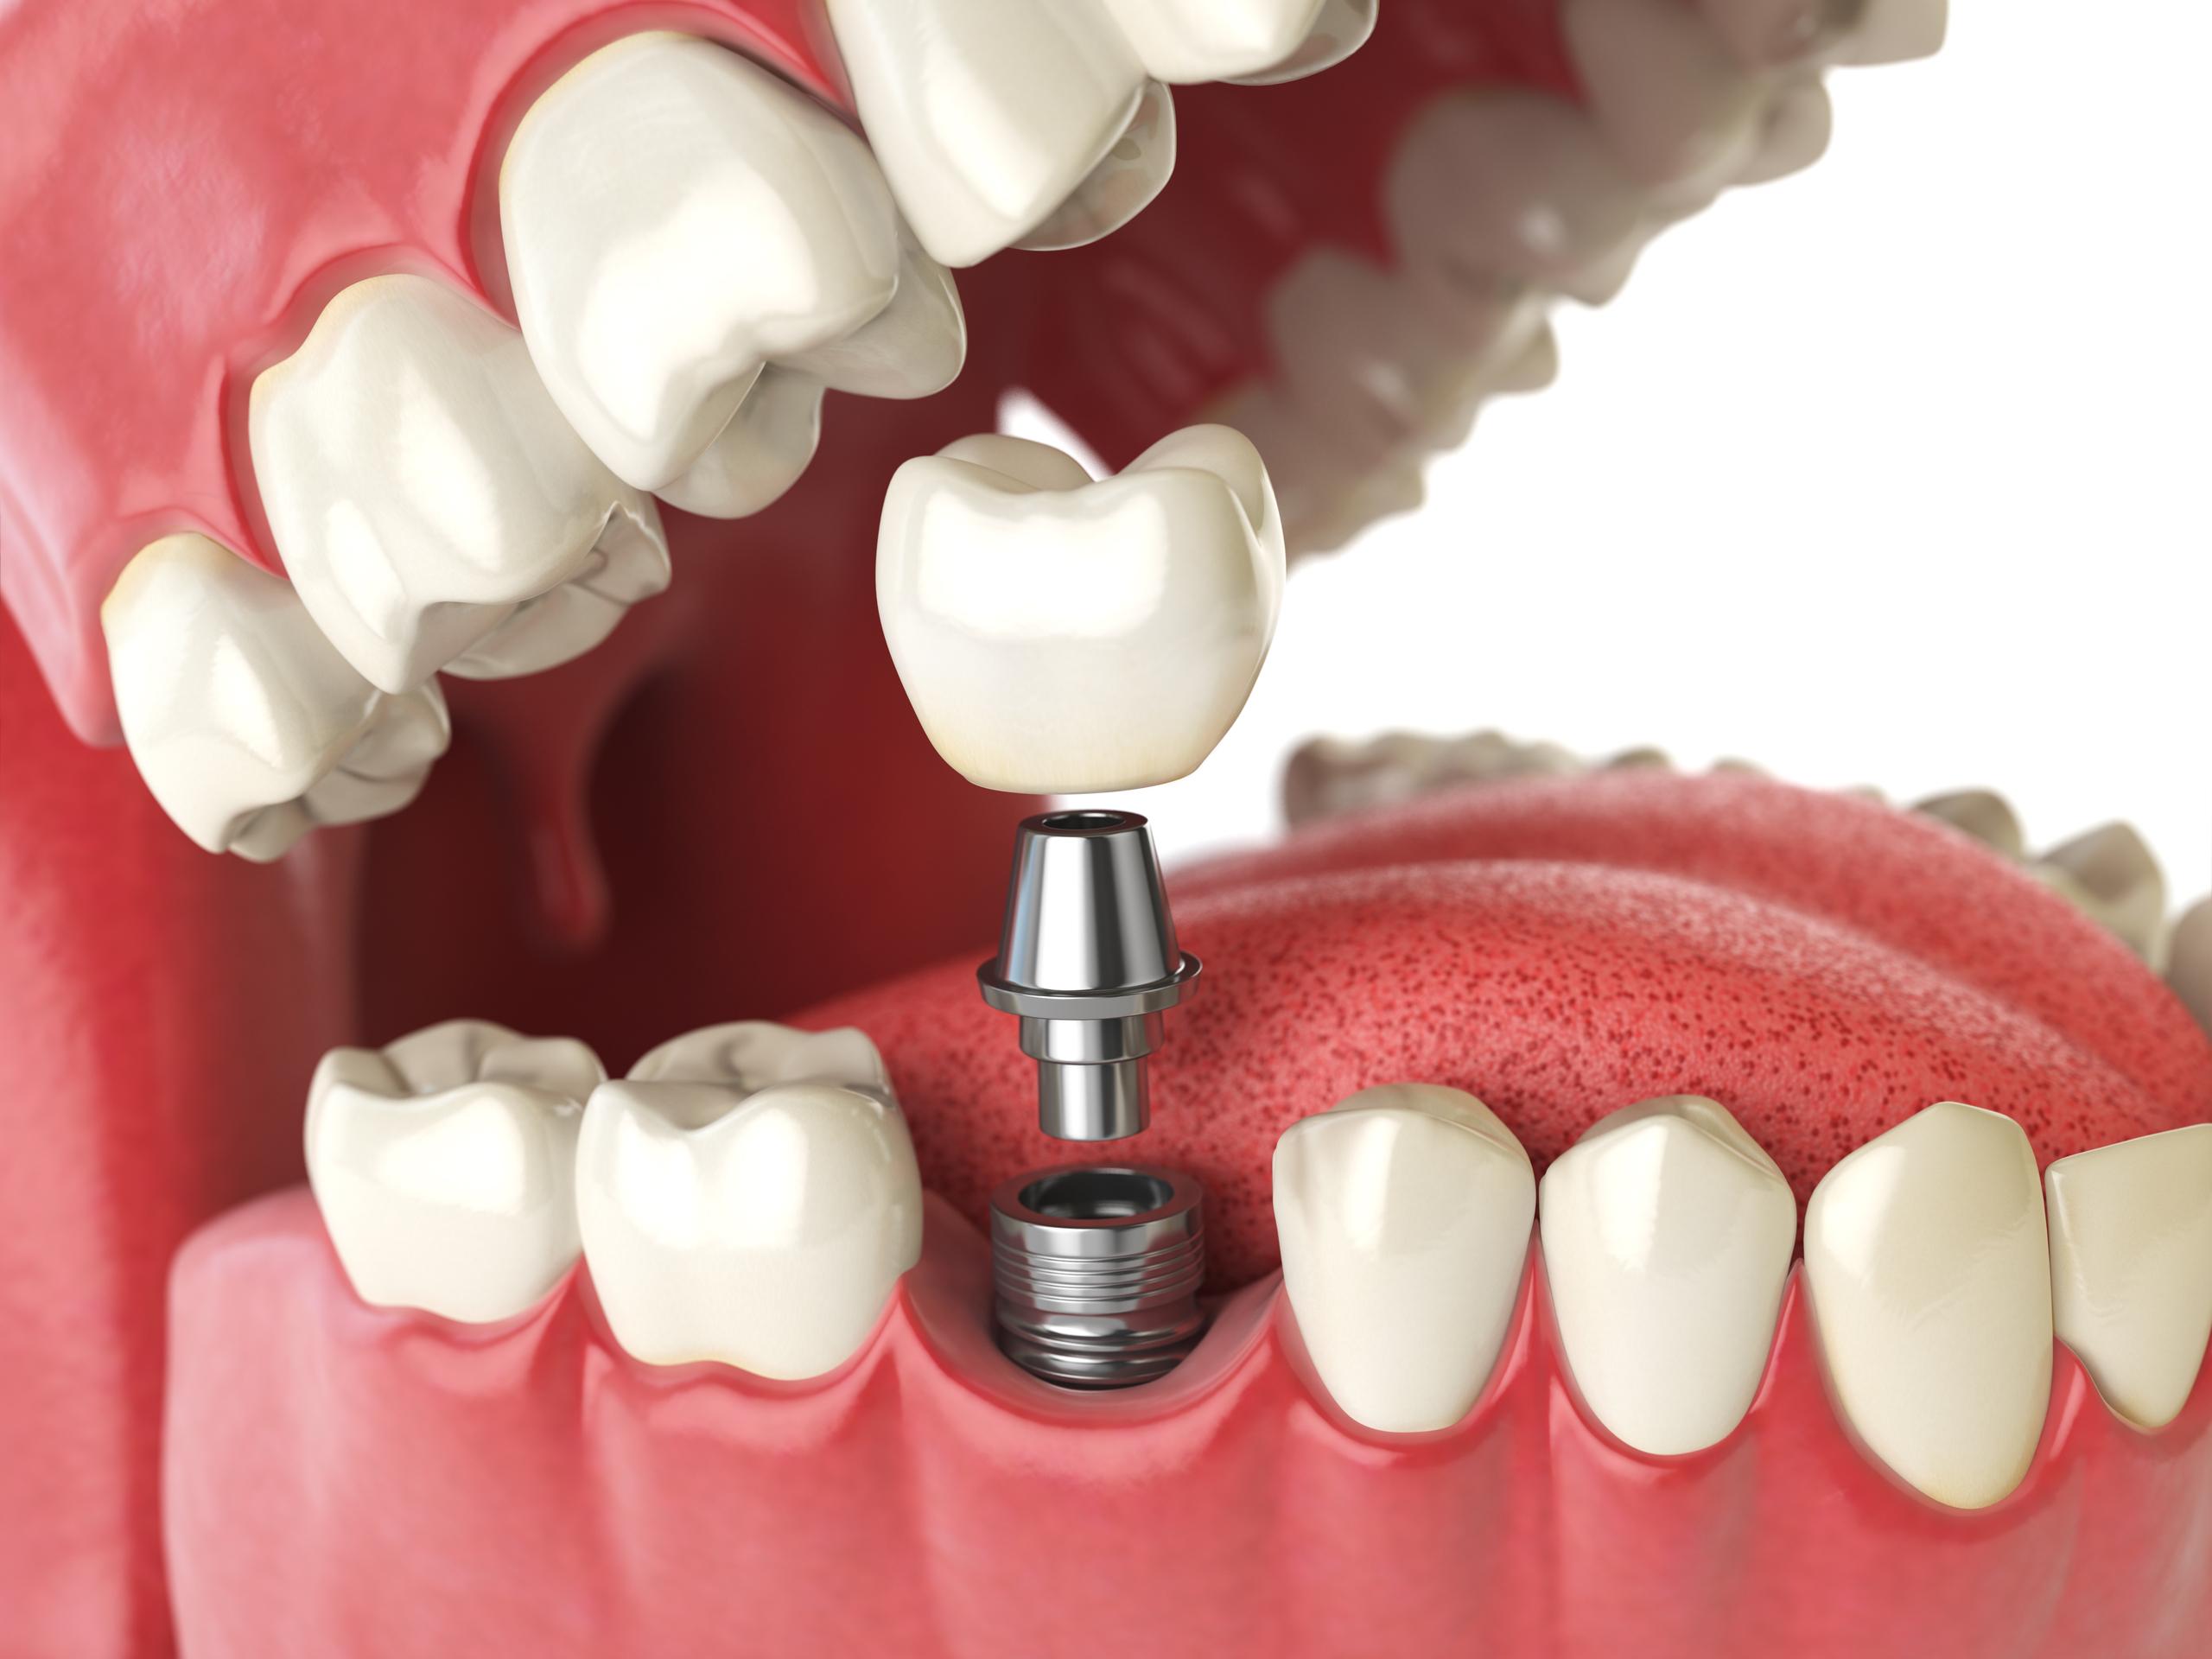 Konstgjorda tänder och nya material – Vetenskap och Hälsa 306a9865164bc